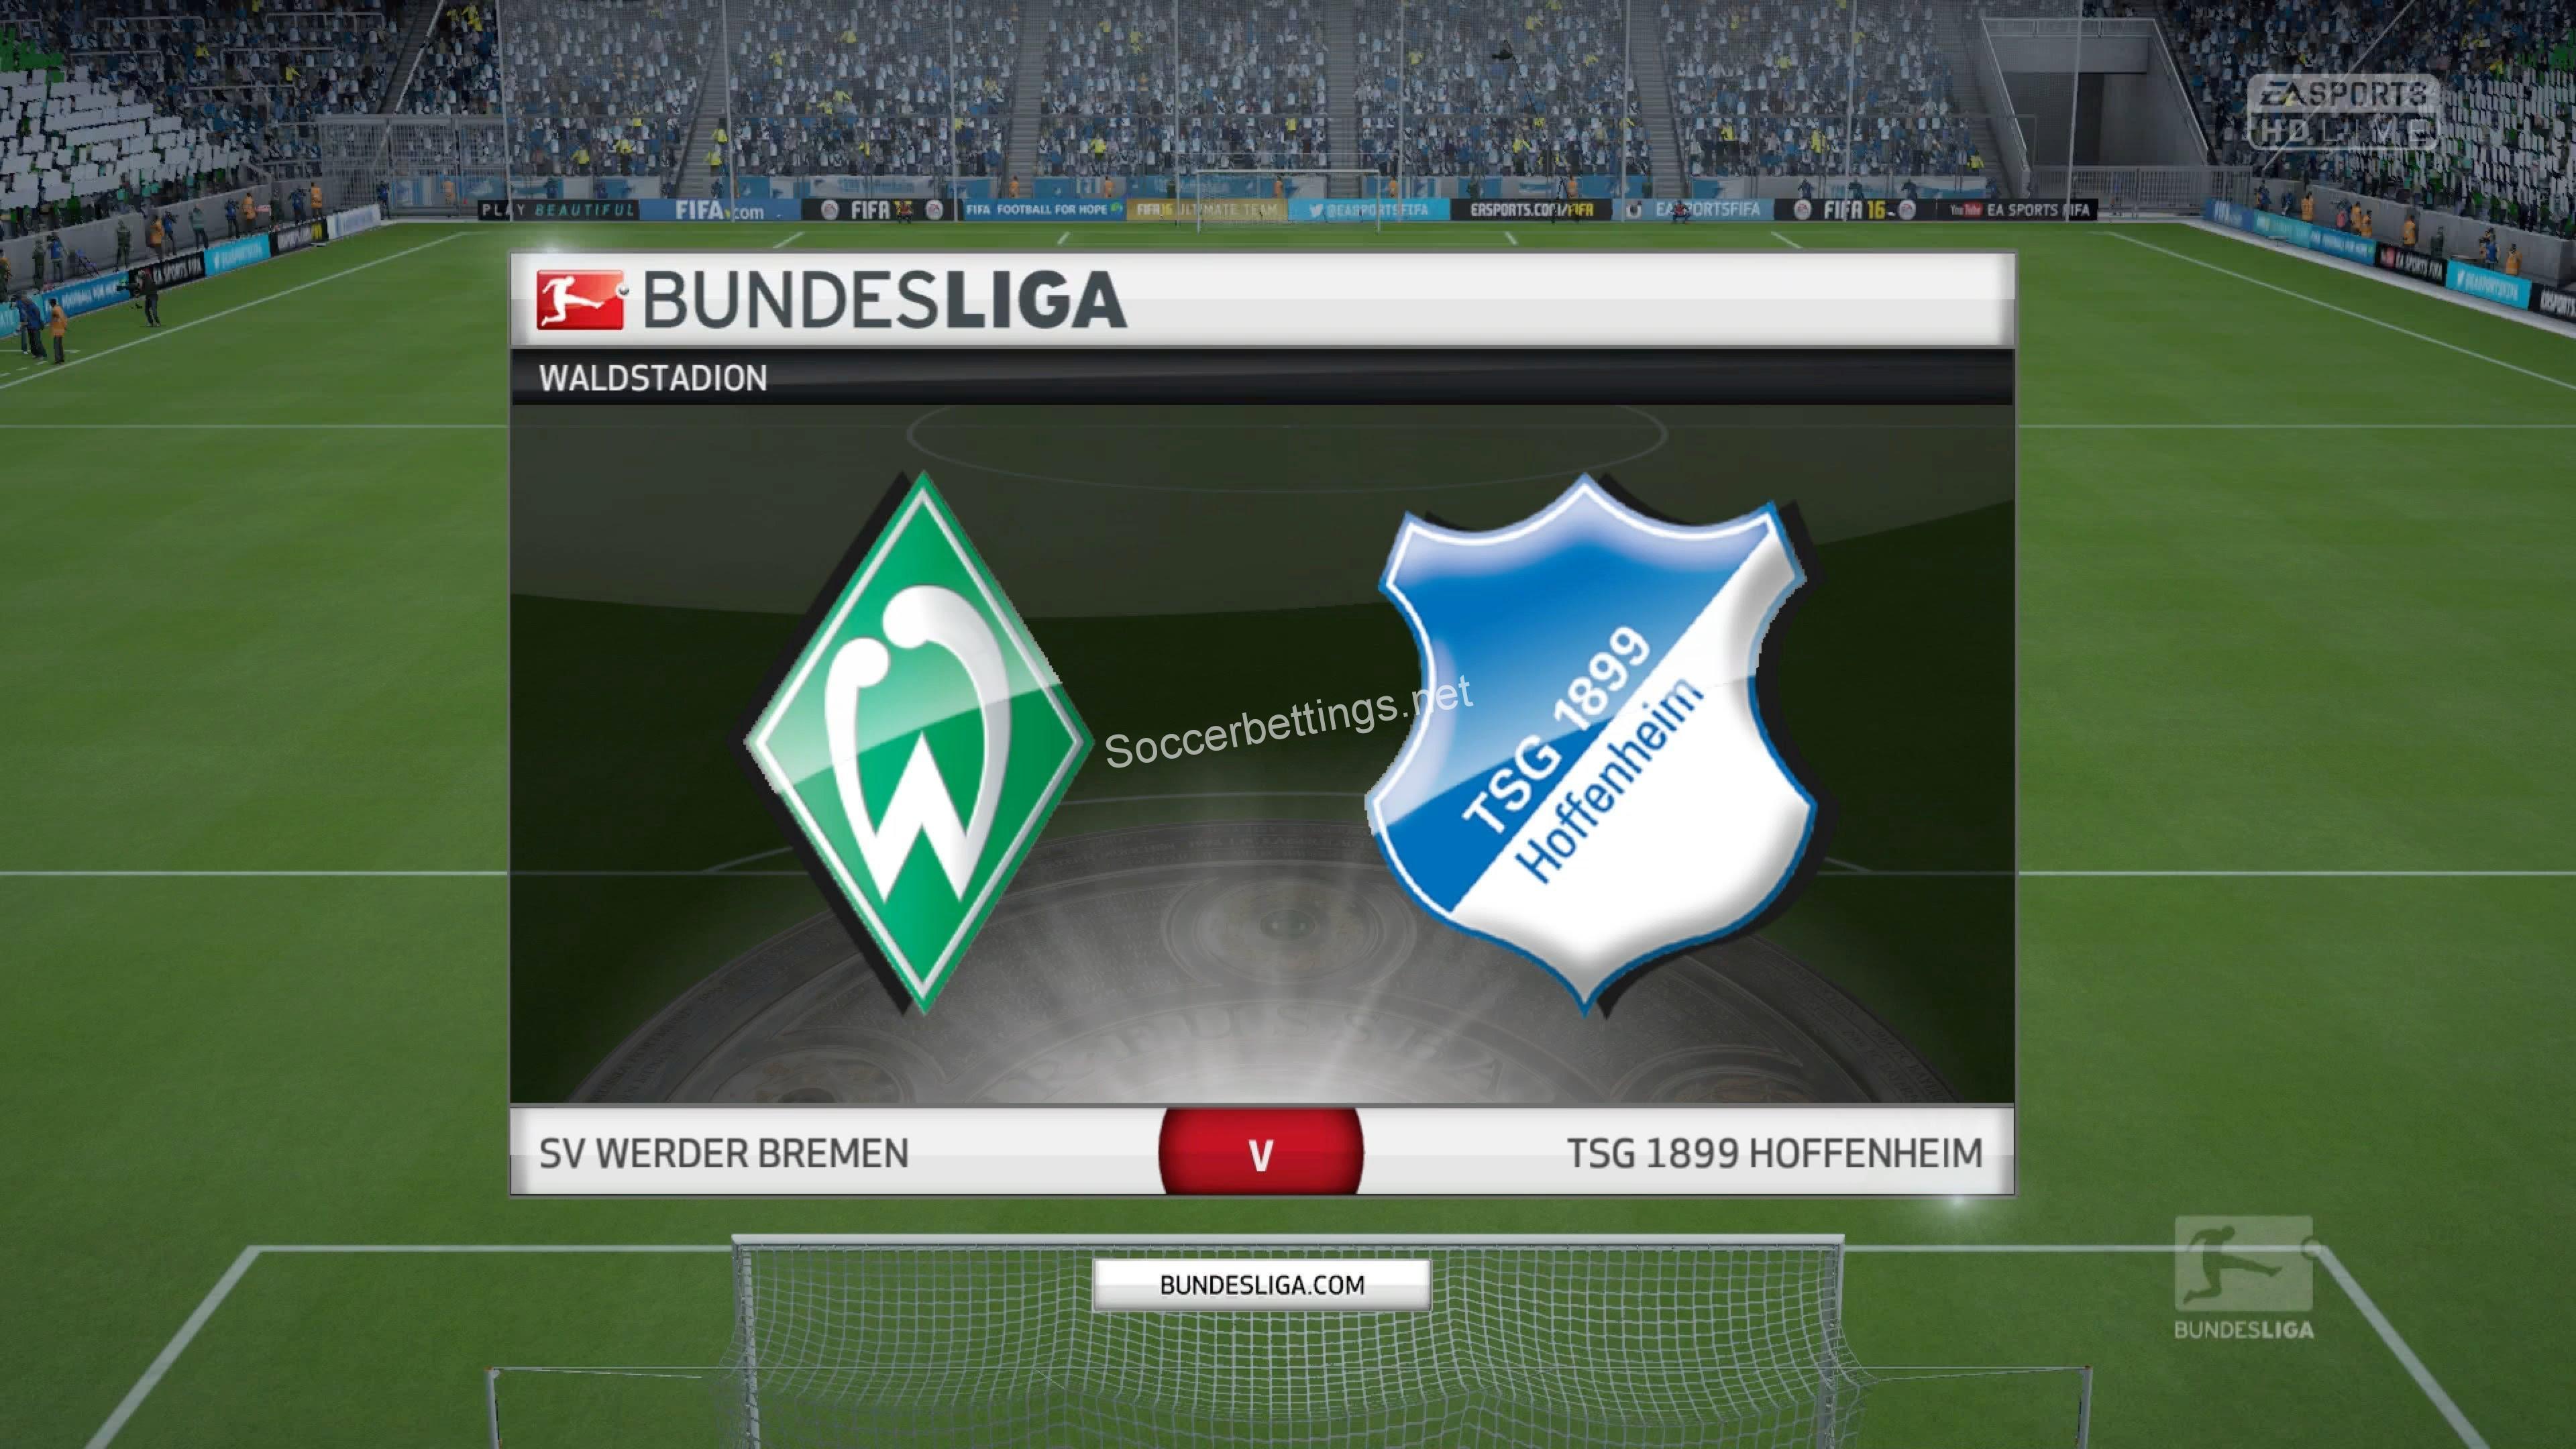 Spielsysteme Bundesliga best -854310